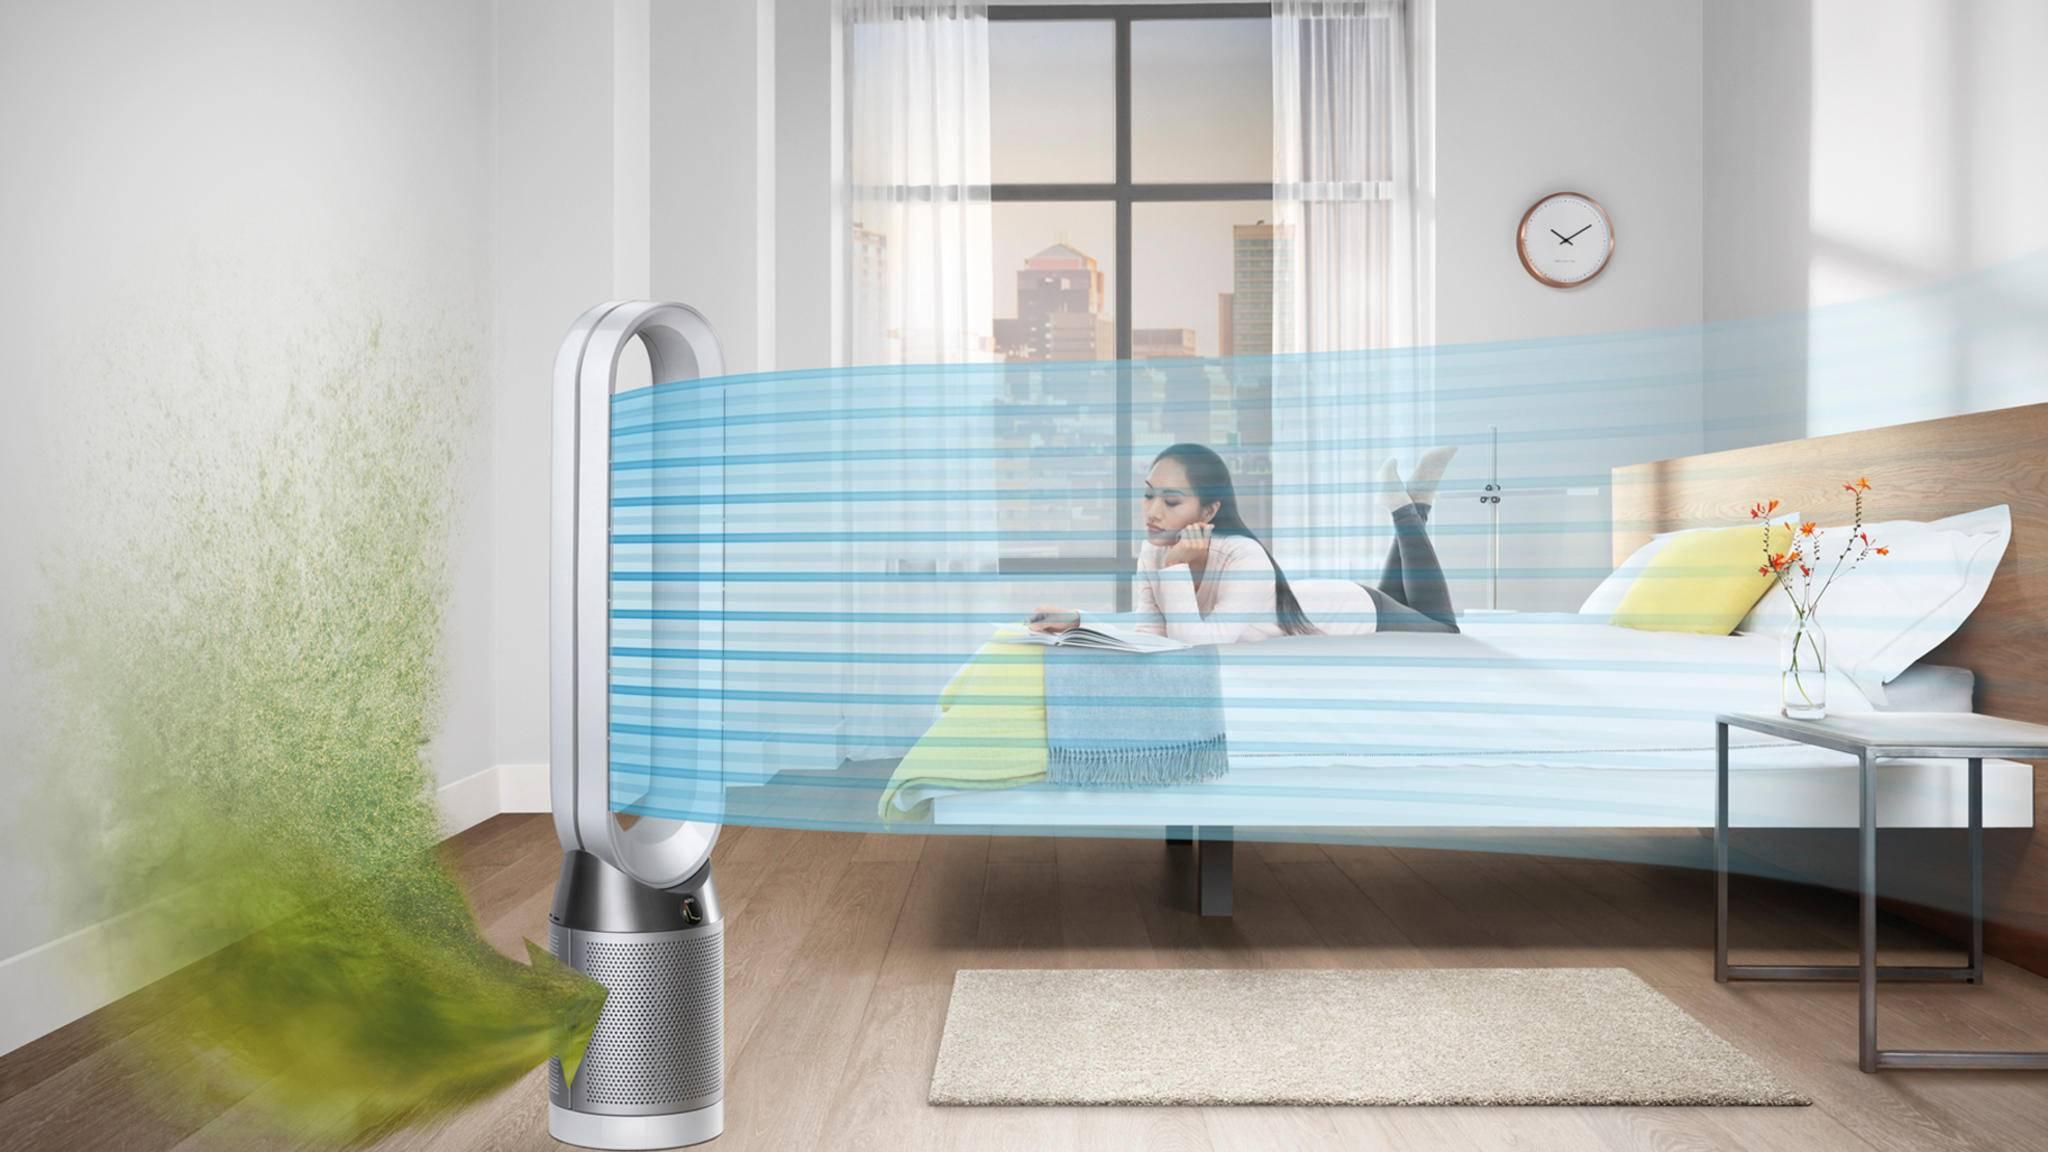 Der Dyson Pure Cool soll die frische Luft im Gegensatz zum Vorgänger im ganze Raum verteilen.